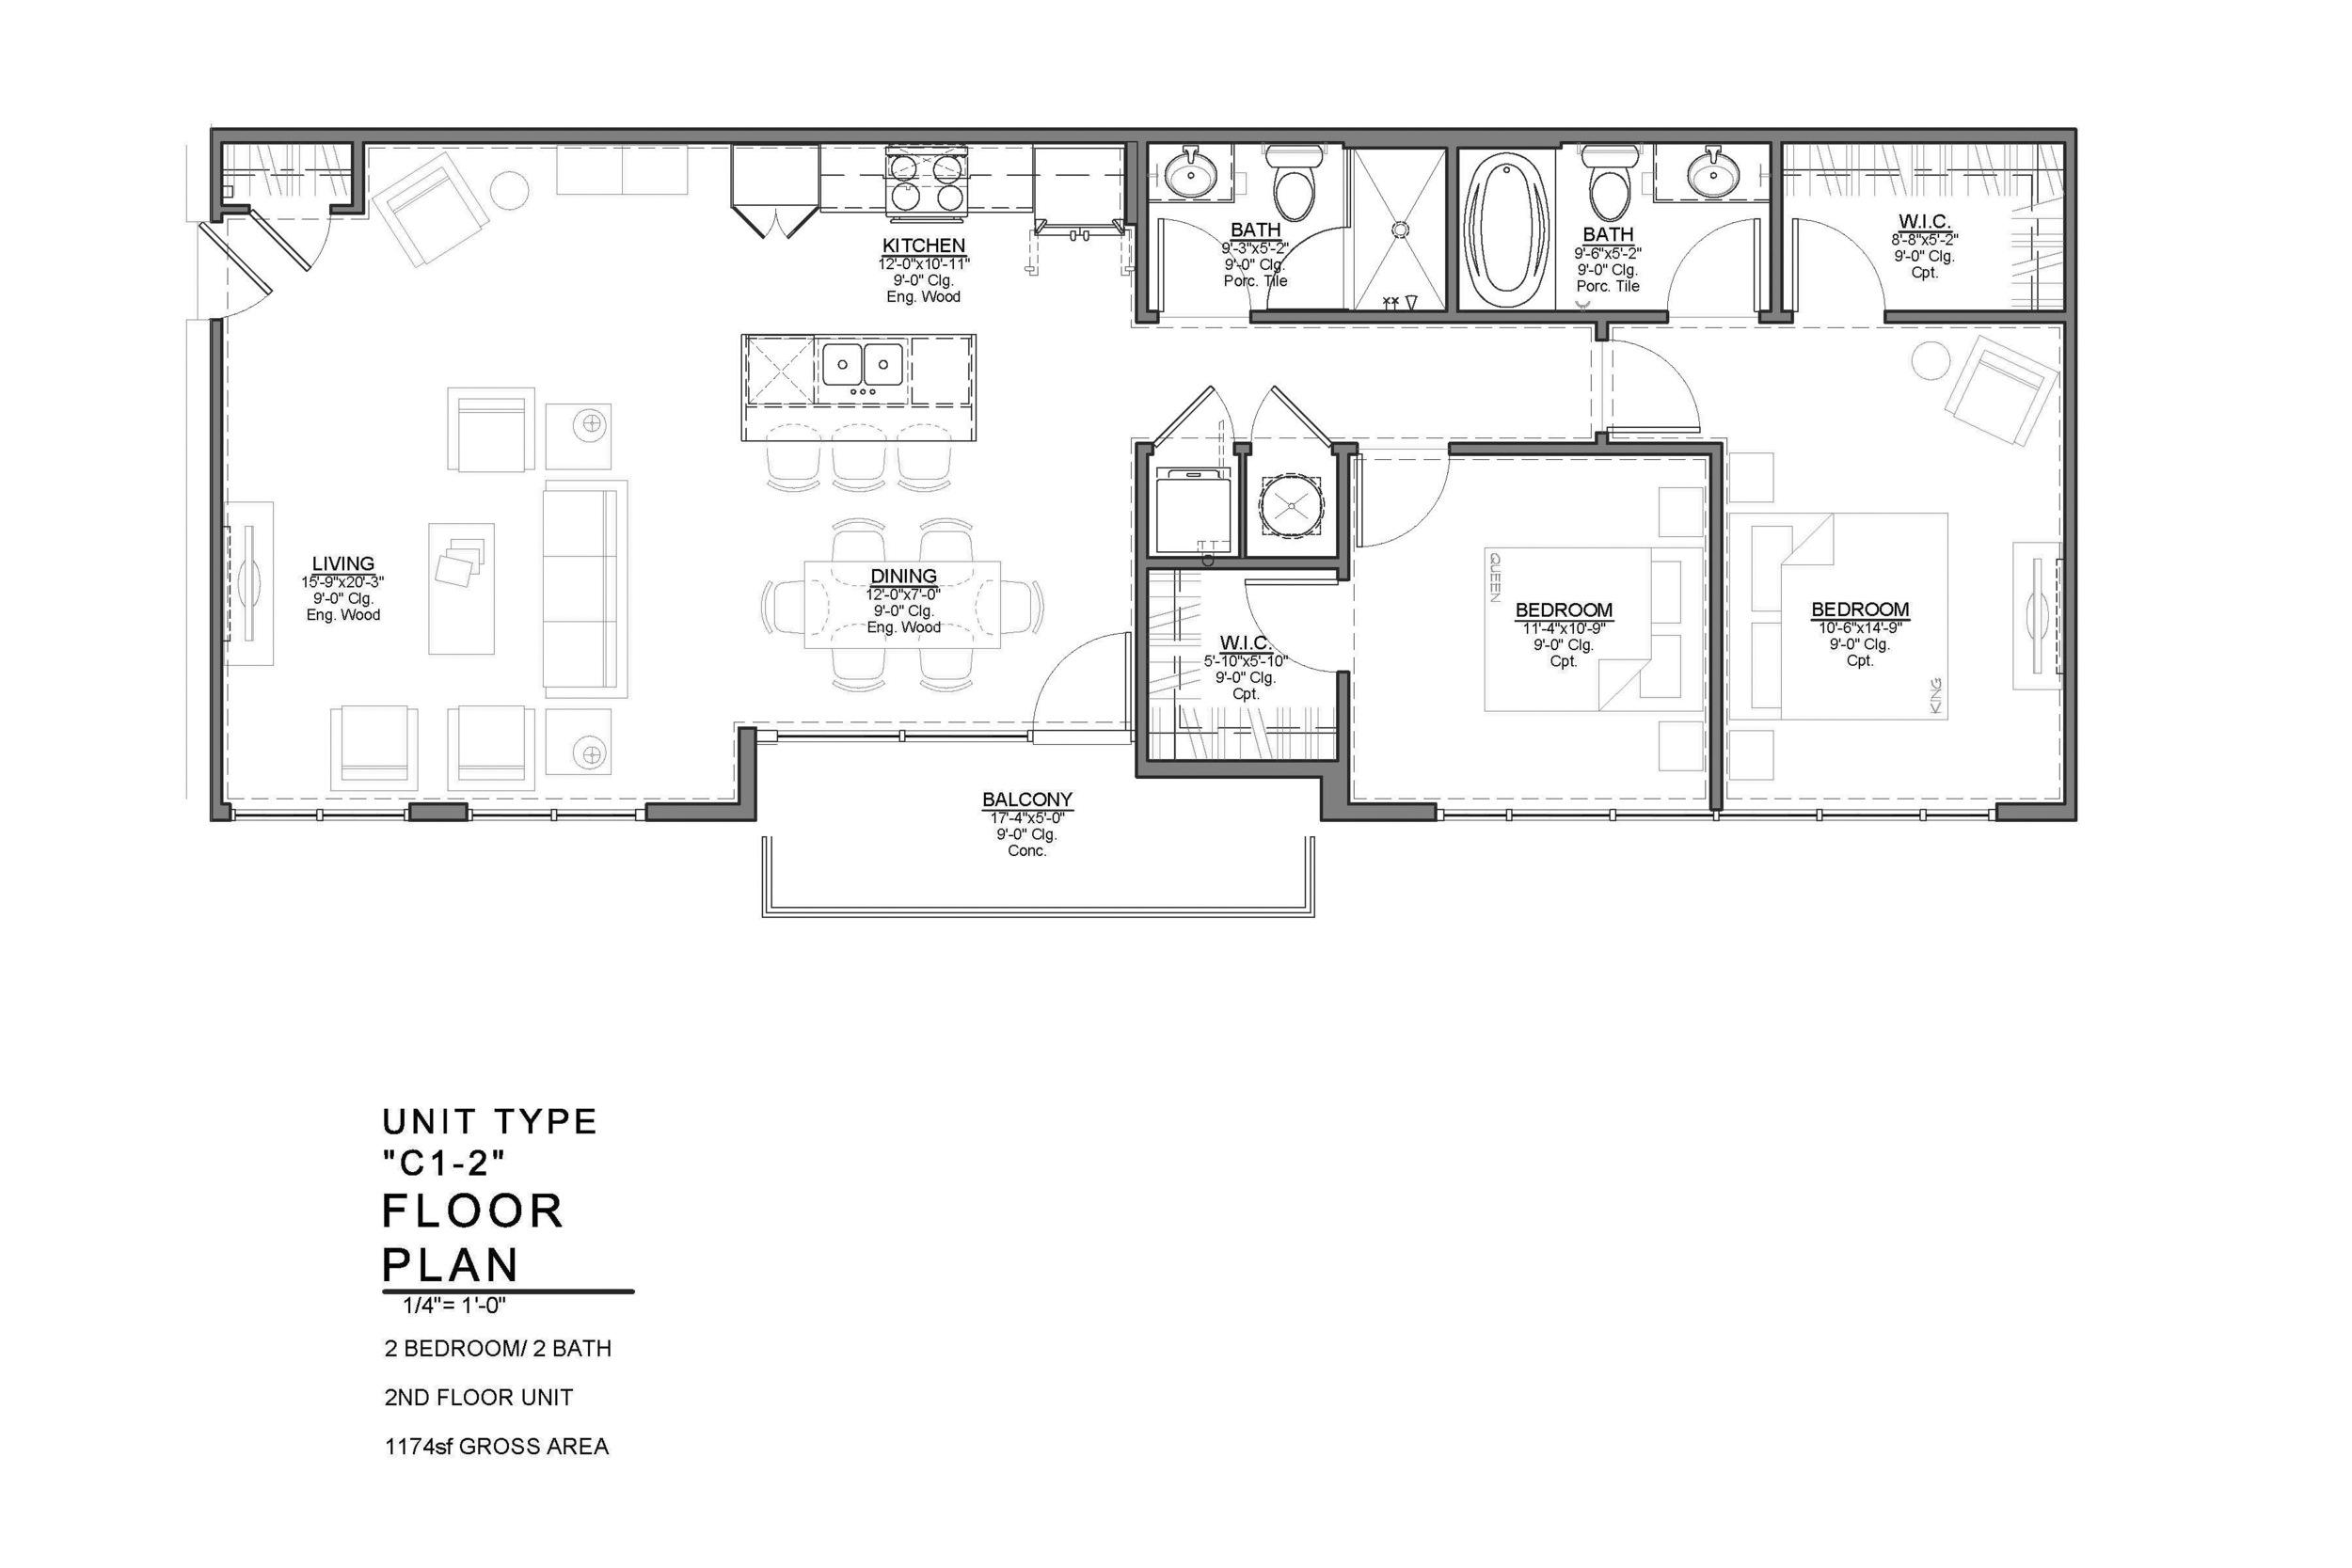 C1-2 FLOOR PLAN: 2 BEDROOM / 2 BATH